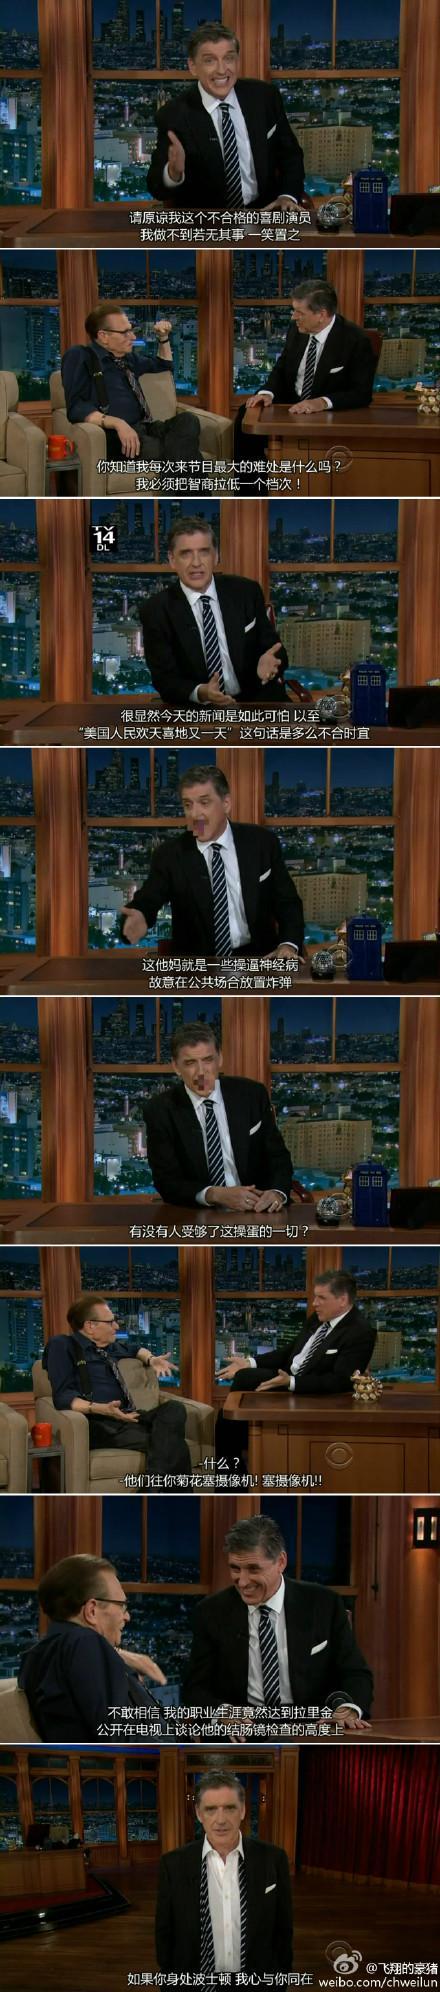 深深夜秀(雷雷秀)2013.04.15 「波士顿爆炸案及拉里金访谈」